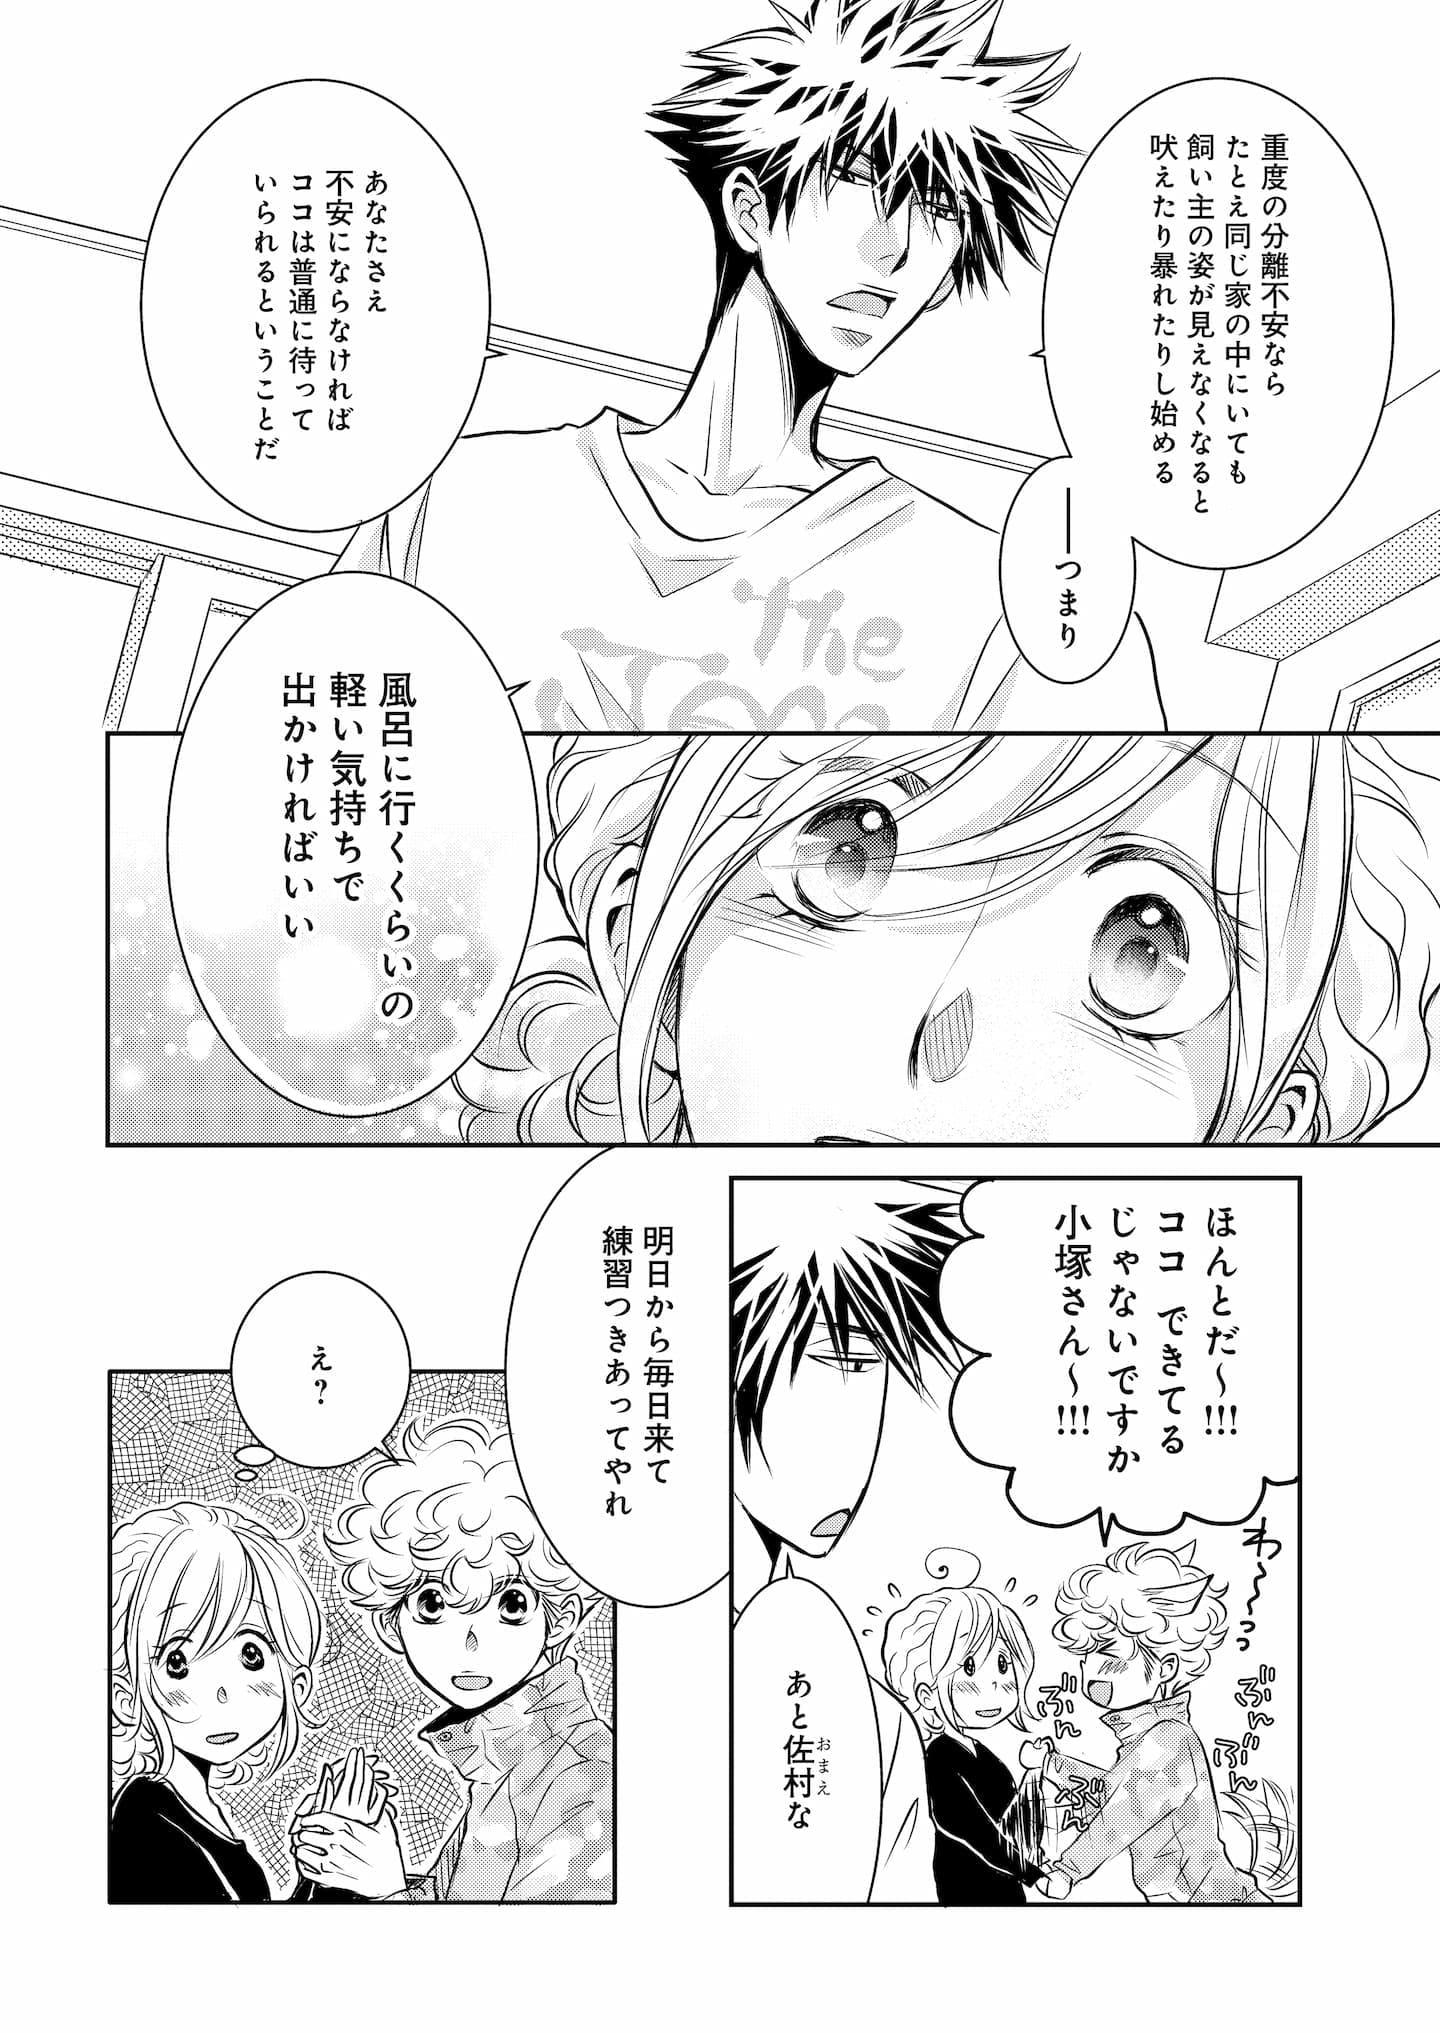 『DOG SIGNAL』7話目③ 6ページ目